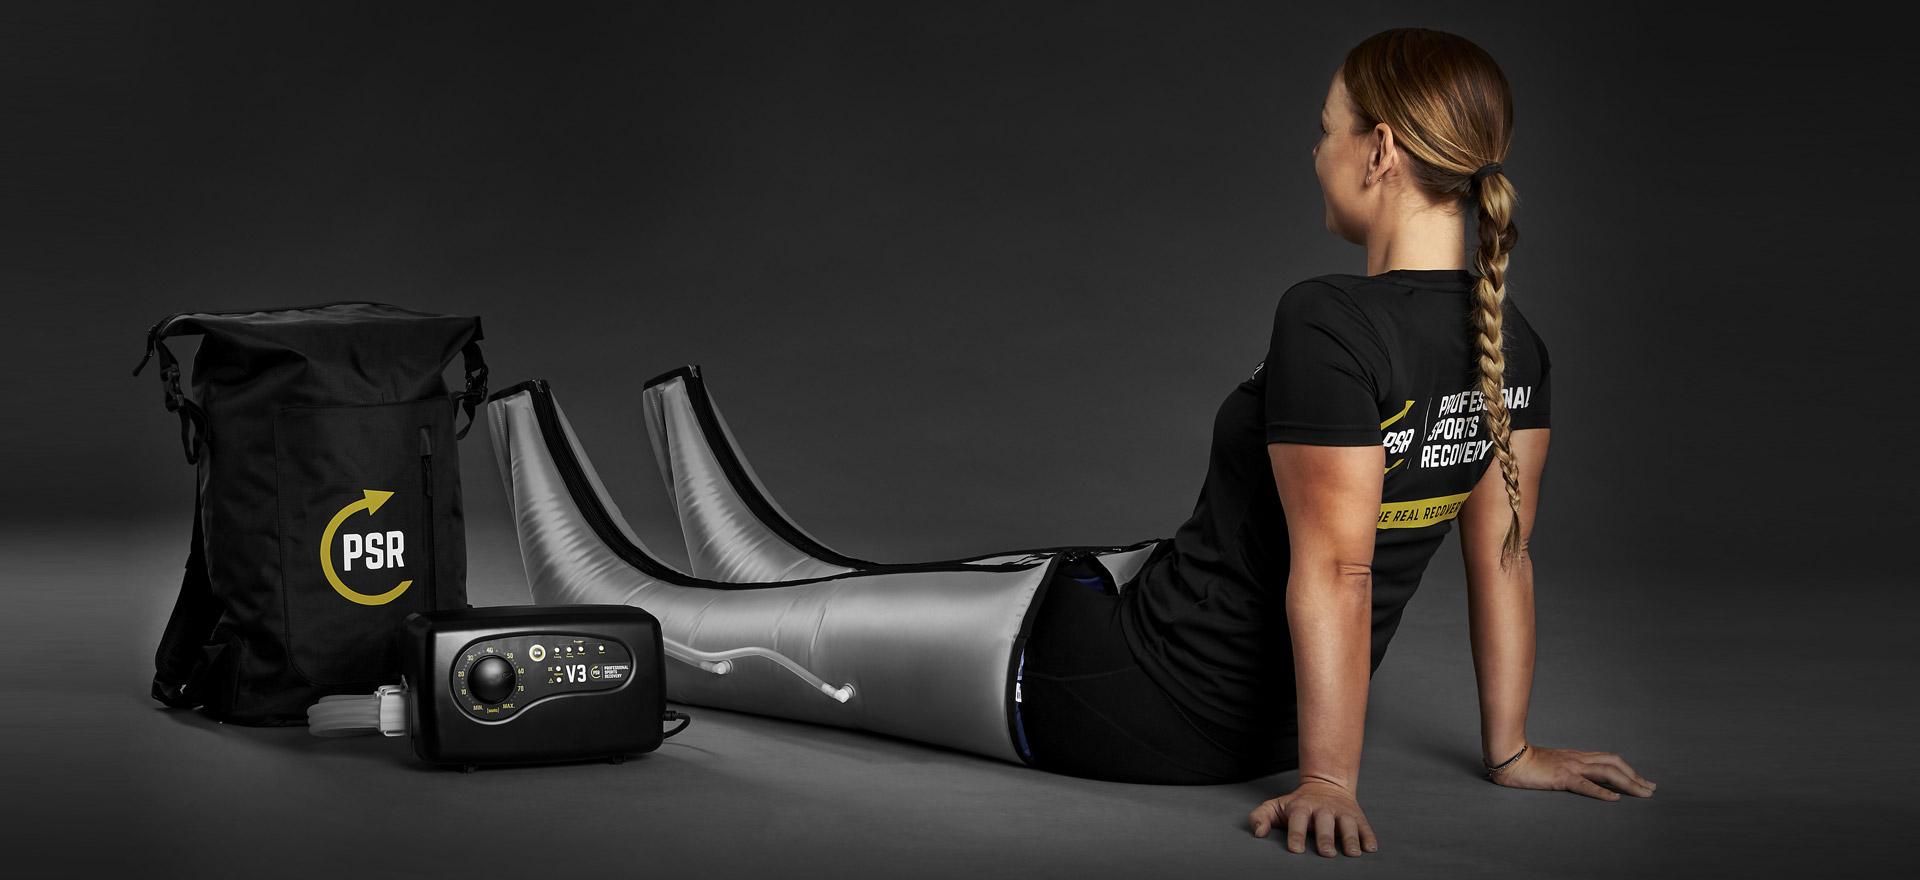 PSR Slider: V3 Leg System